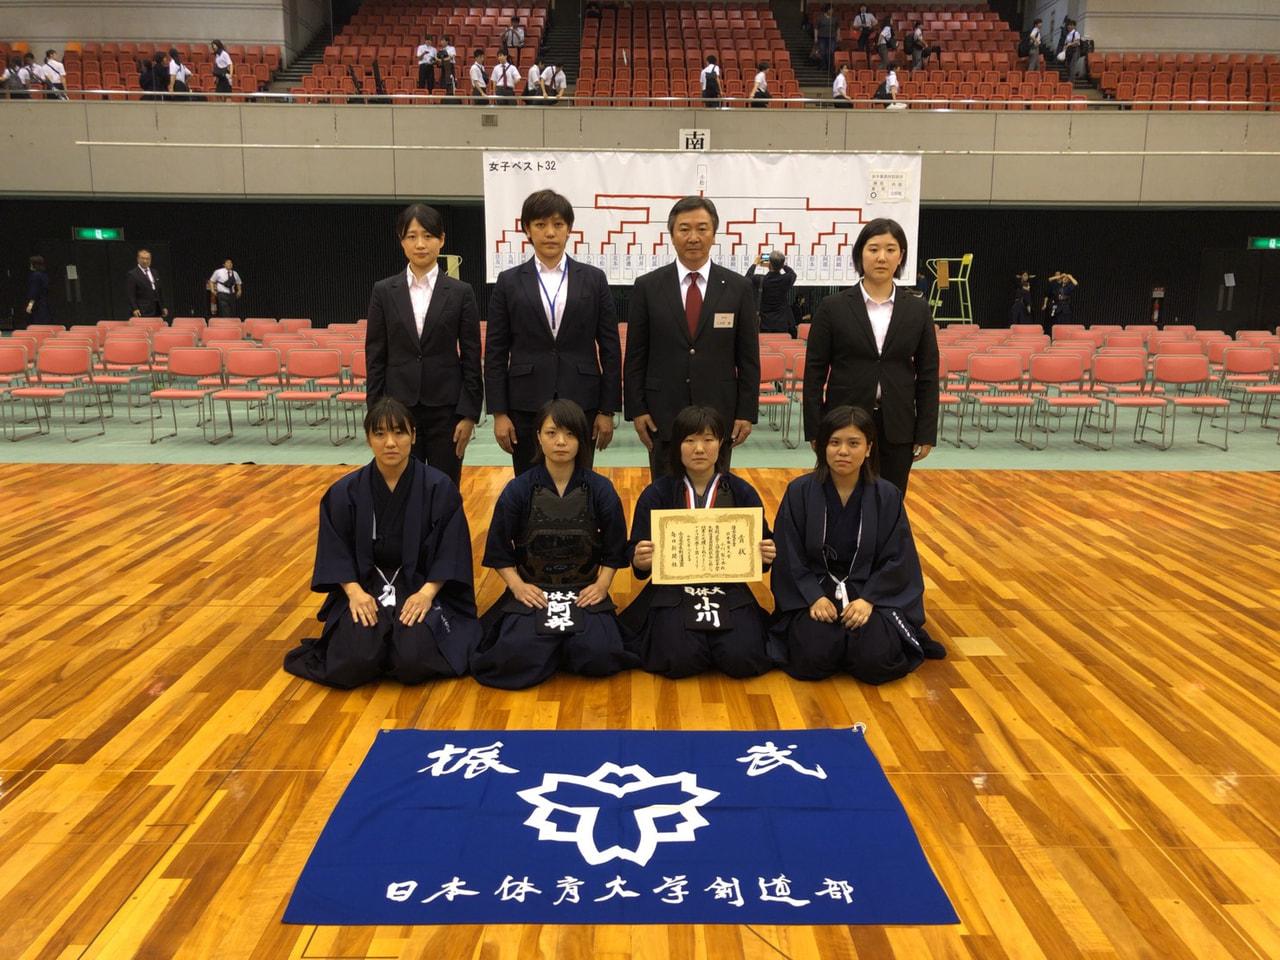 第53回全日本女子学生剣道選手権大会及び第13回全日本女子学生剣道東西対抗試合